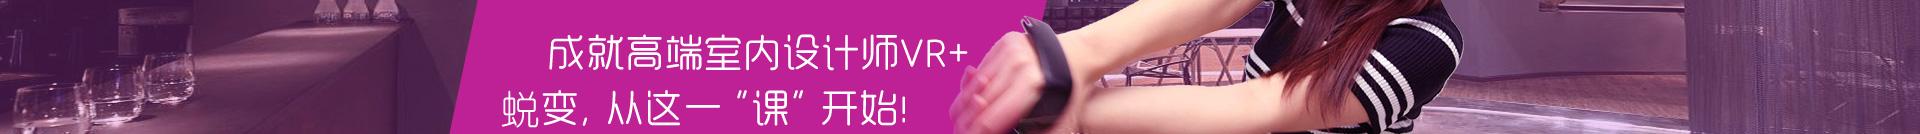 学VR空间创意设计师选云南新华,就业有保障